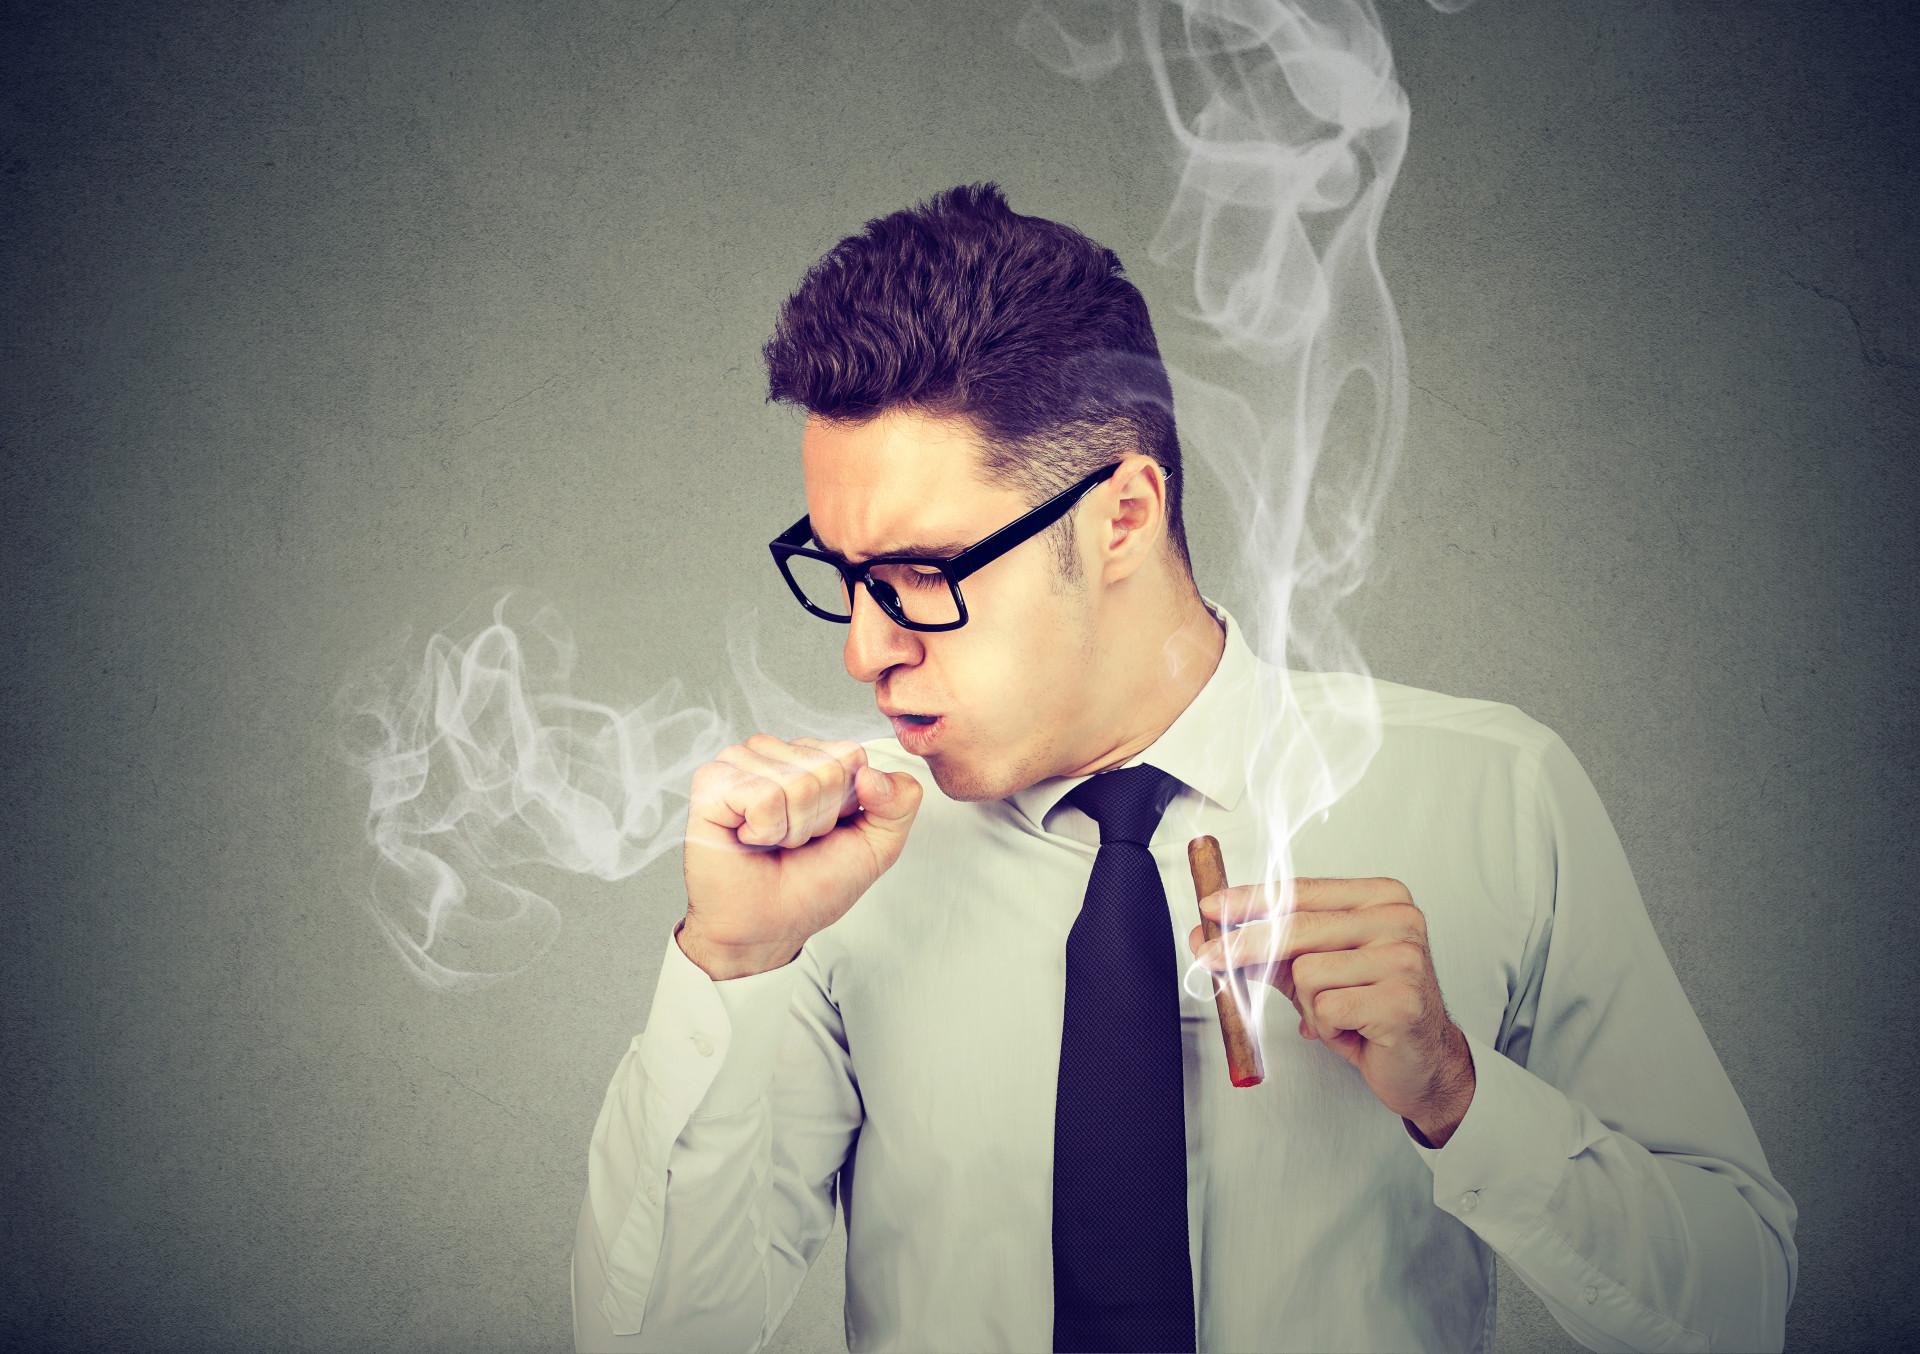 Respire aliviado: conheça as doenças respiratórias e saiba como tratar